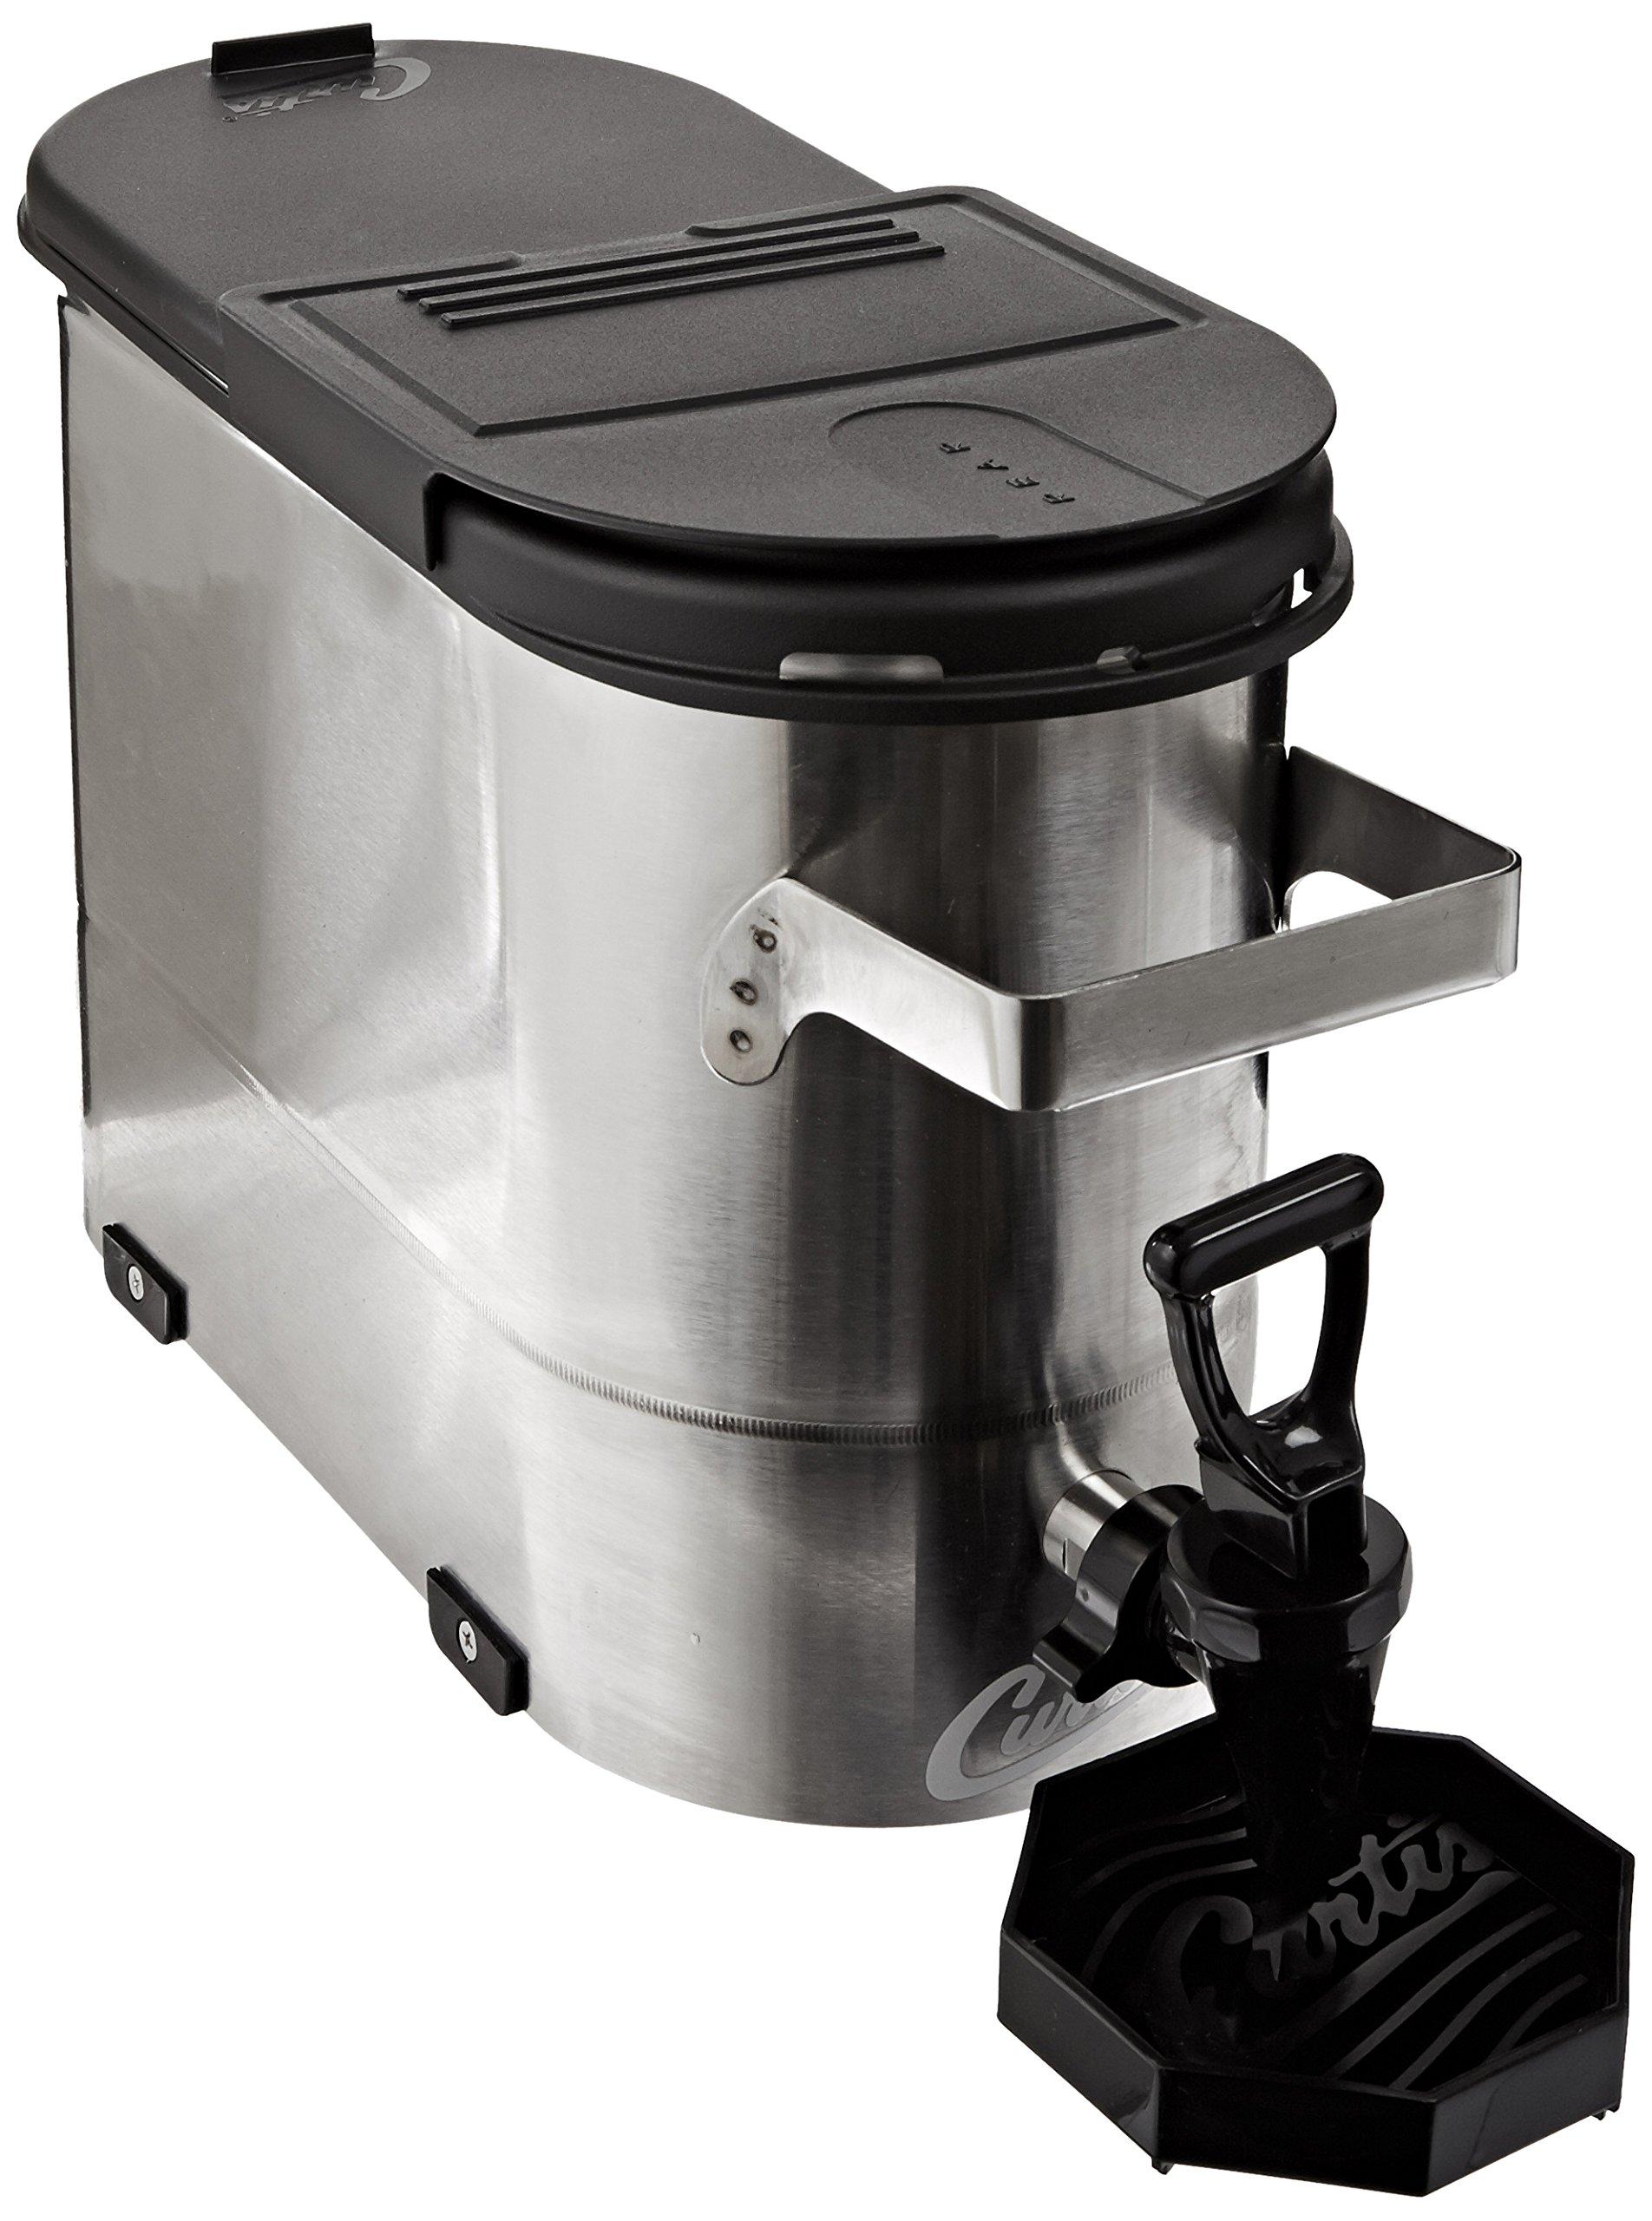 Wilbur Curtis 1.5 Gallon Narrow Tea Dispenser Short - Commercial Iced Tea Dispenser - TCN1510 by Wilbur Curtis